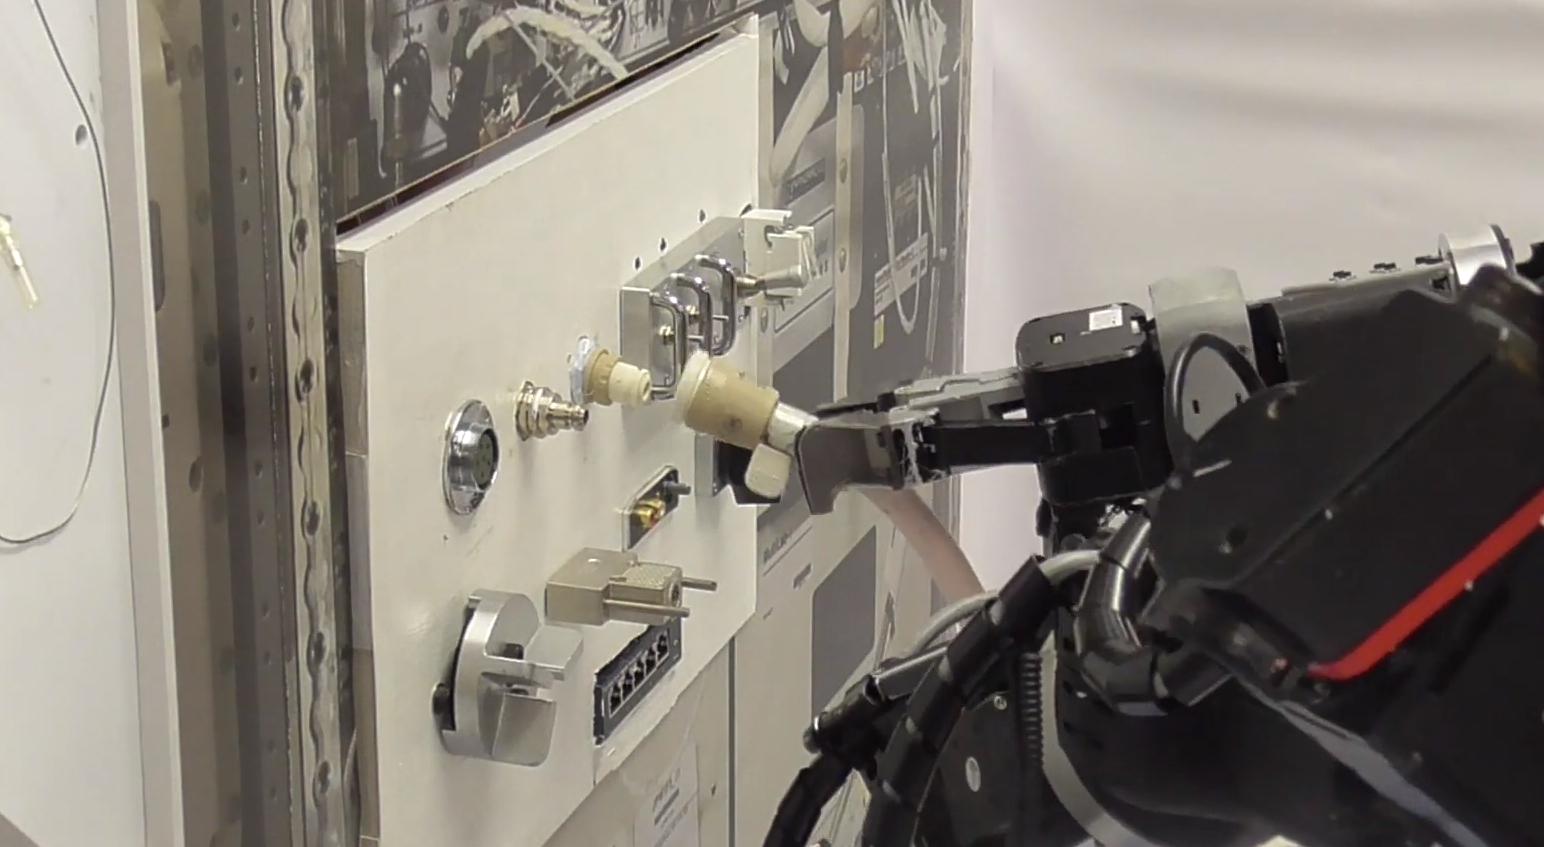 宇宙での作業コストを低減 ロボット実験動画を公開